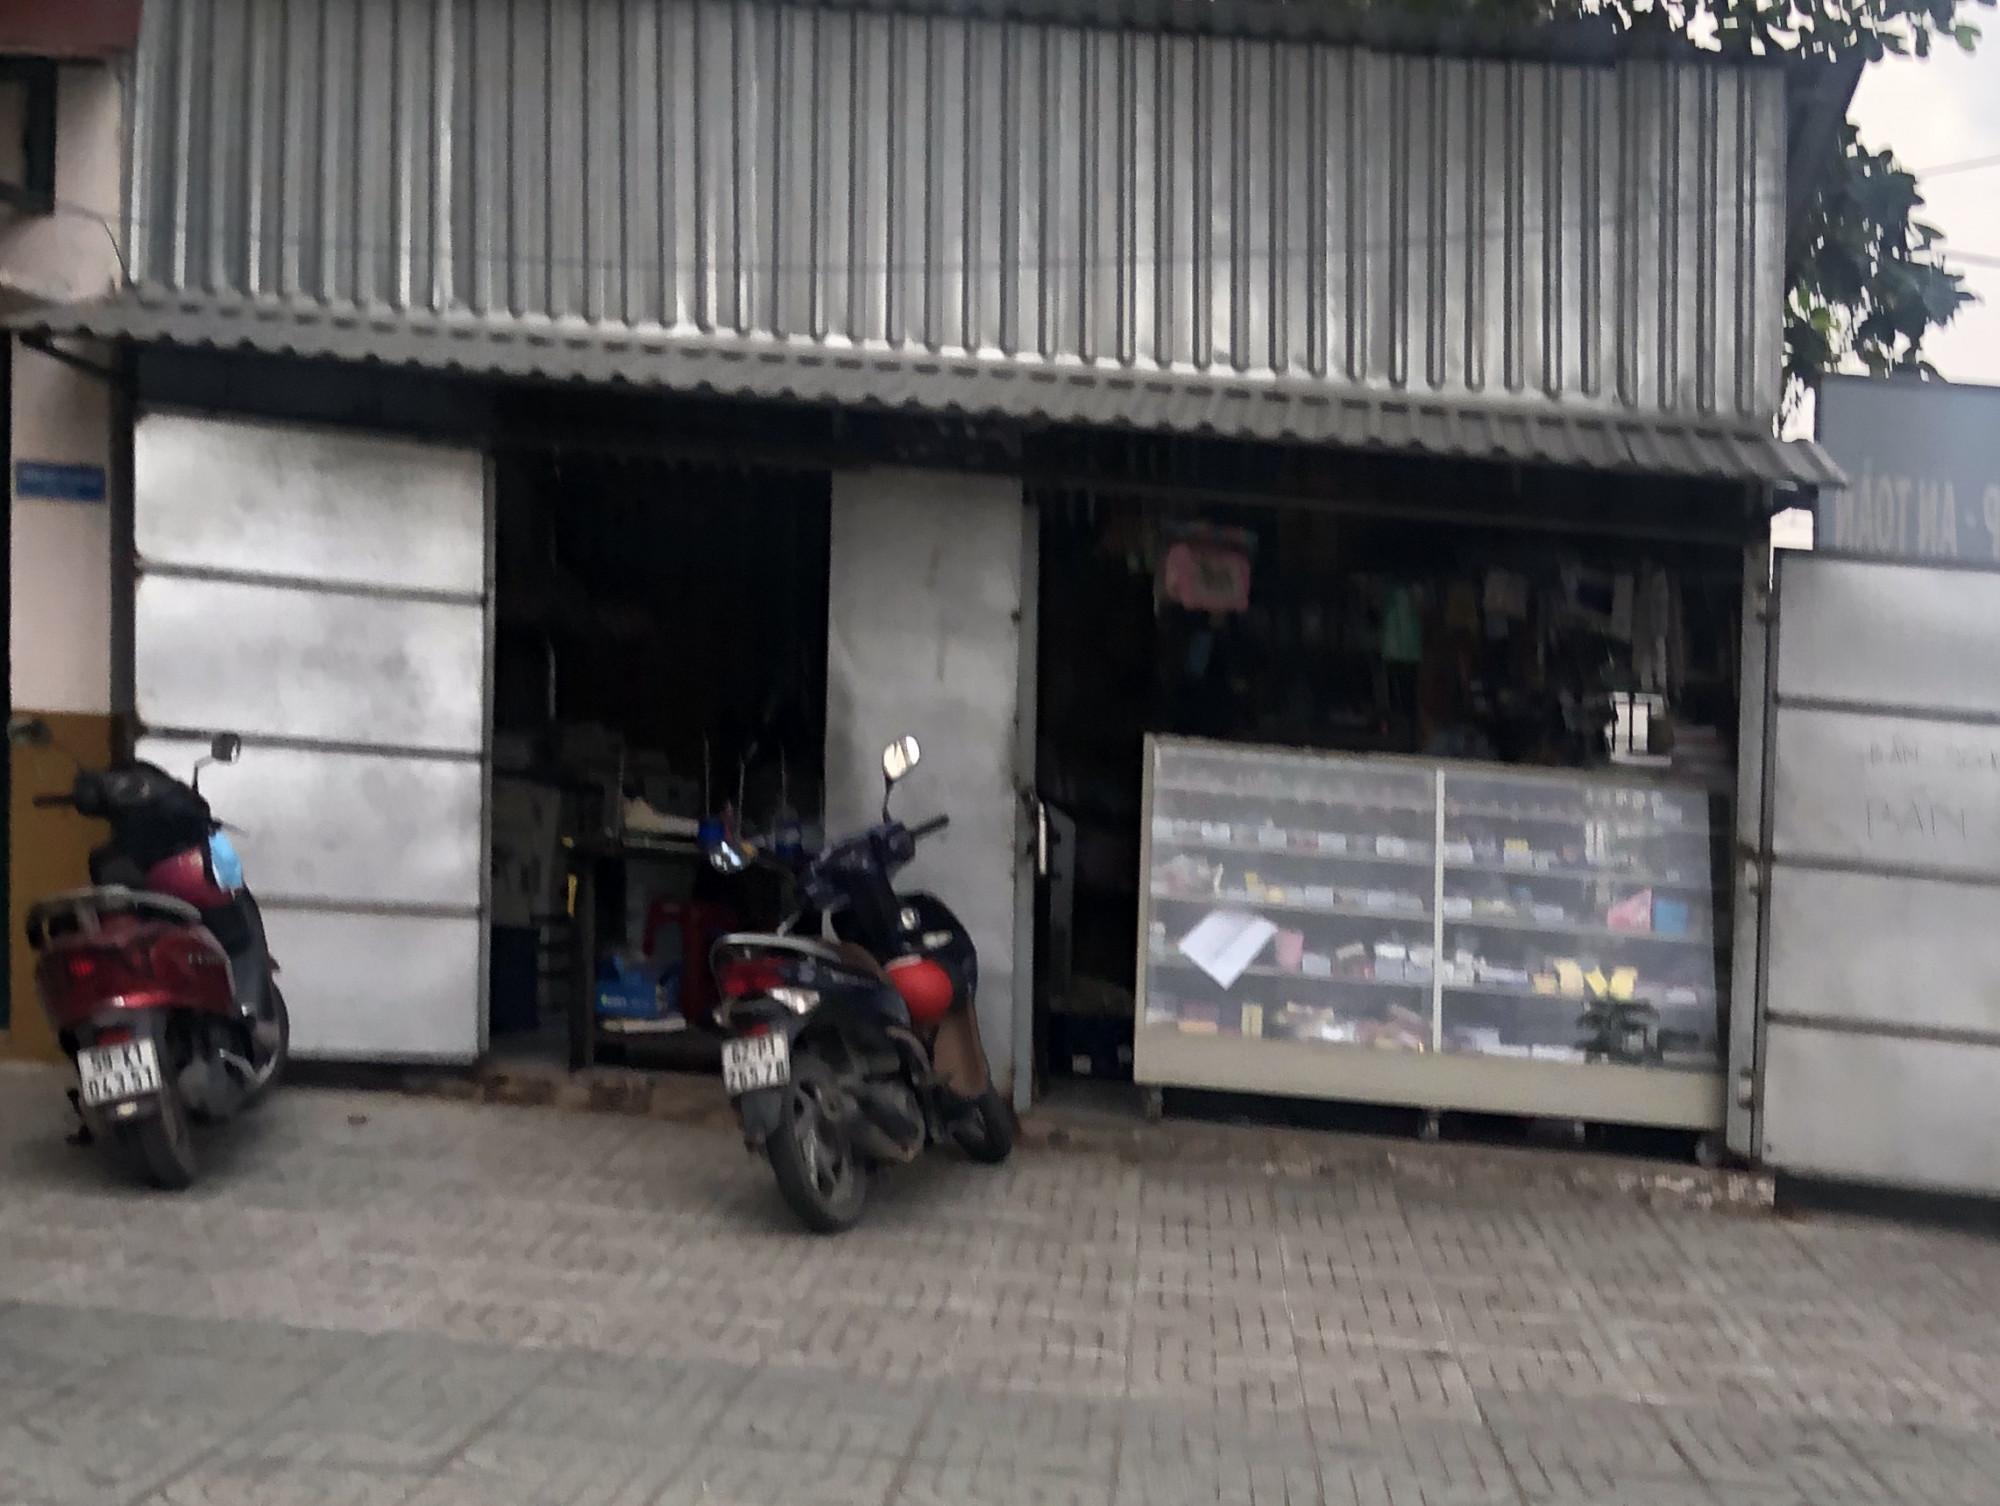 Quầy văn phòng phẩm đặt trong trường THPT Bình Phú là nơi ông Hoàng kinh doanh và cho rằng trường mua nhưng không trả nợ trong nhiều năm liền